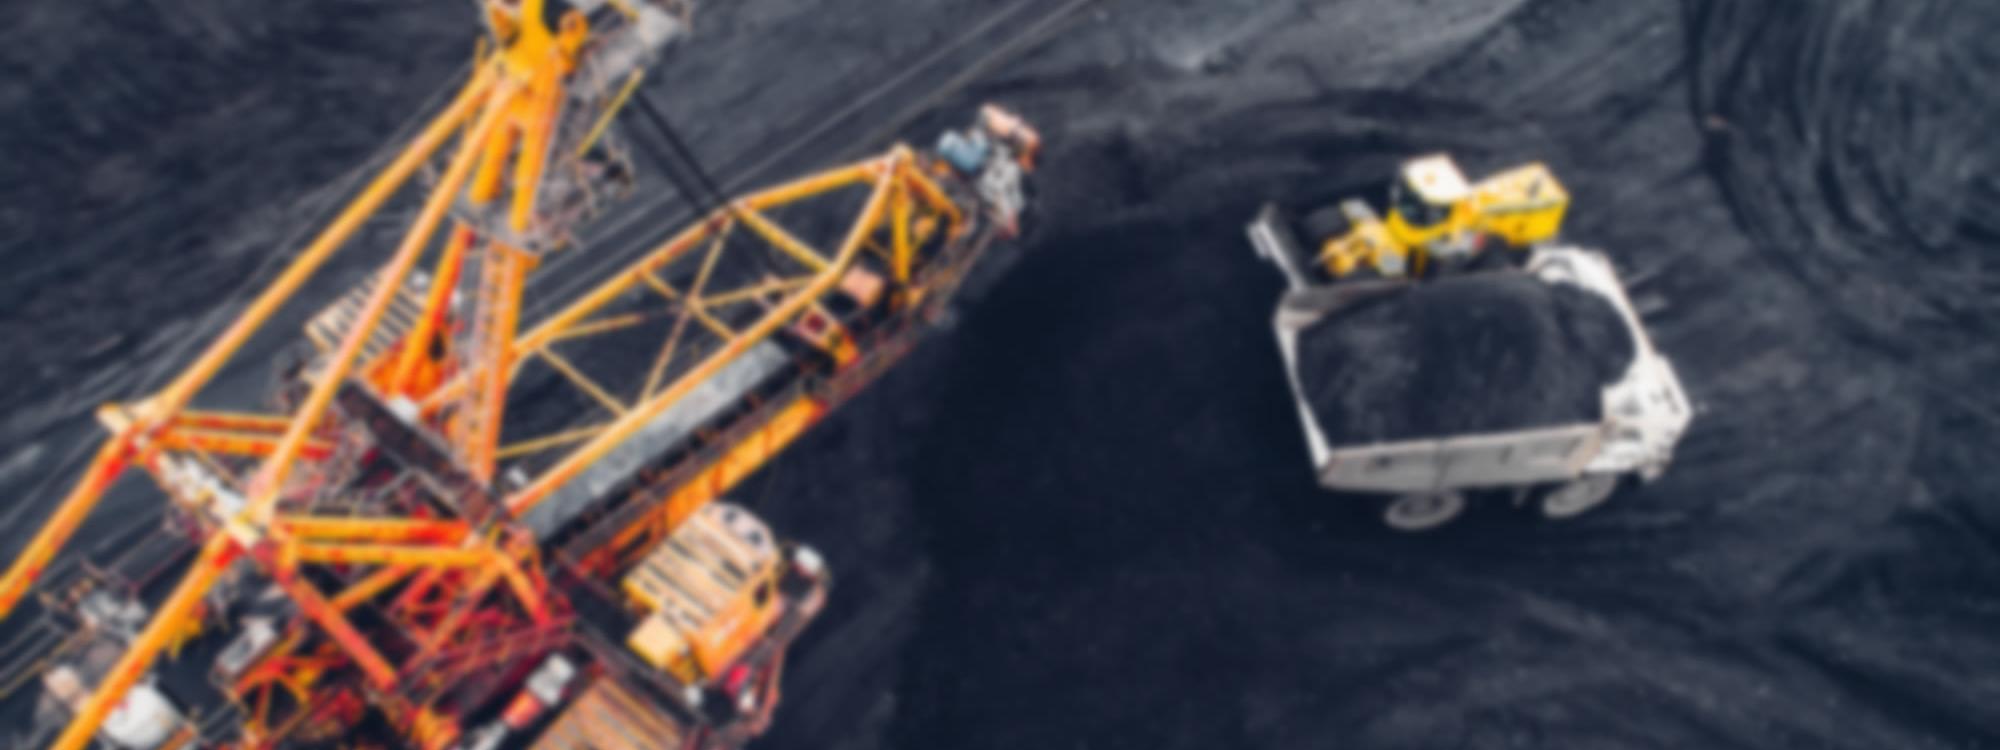 Dragline Mining Swing Pedal blurred